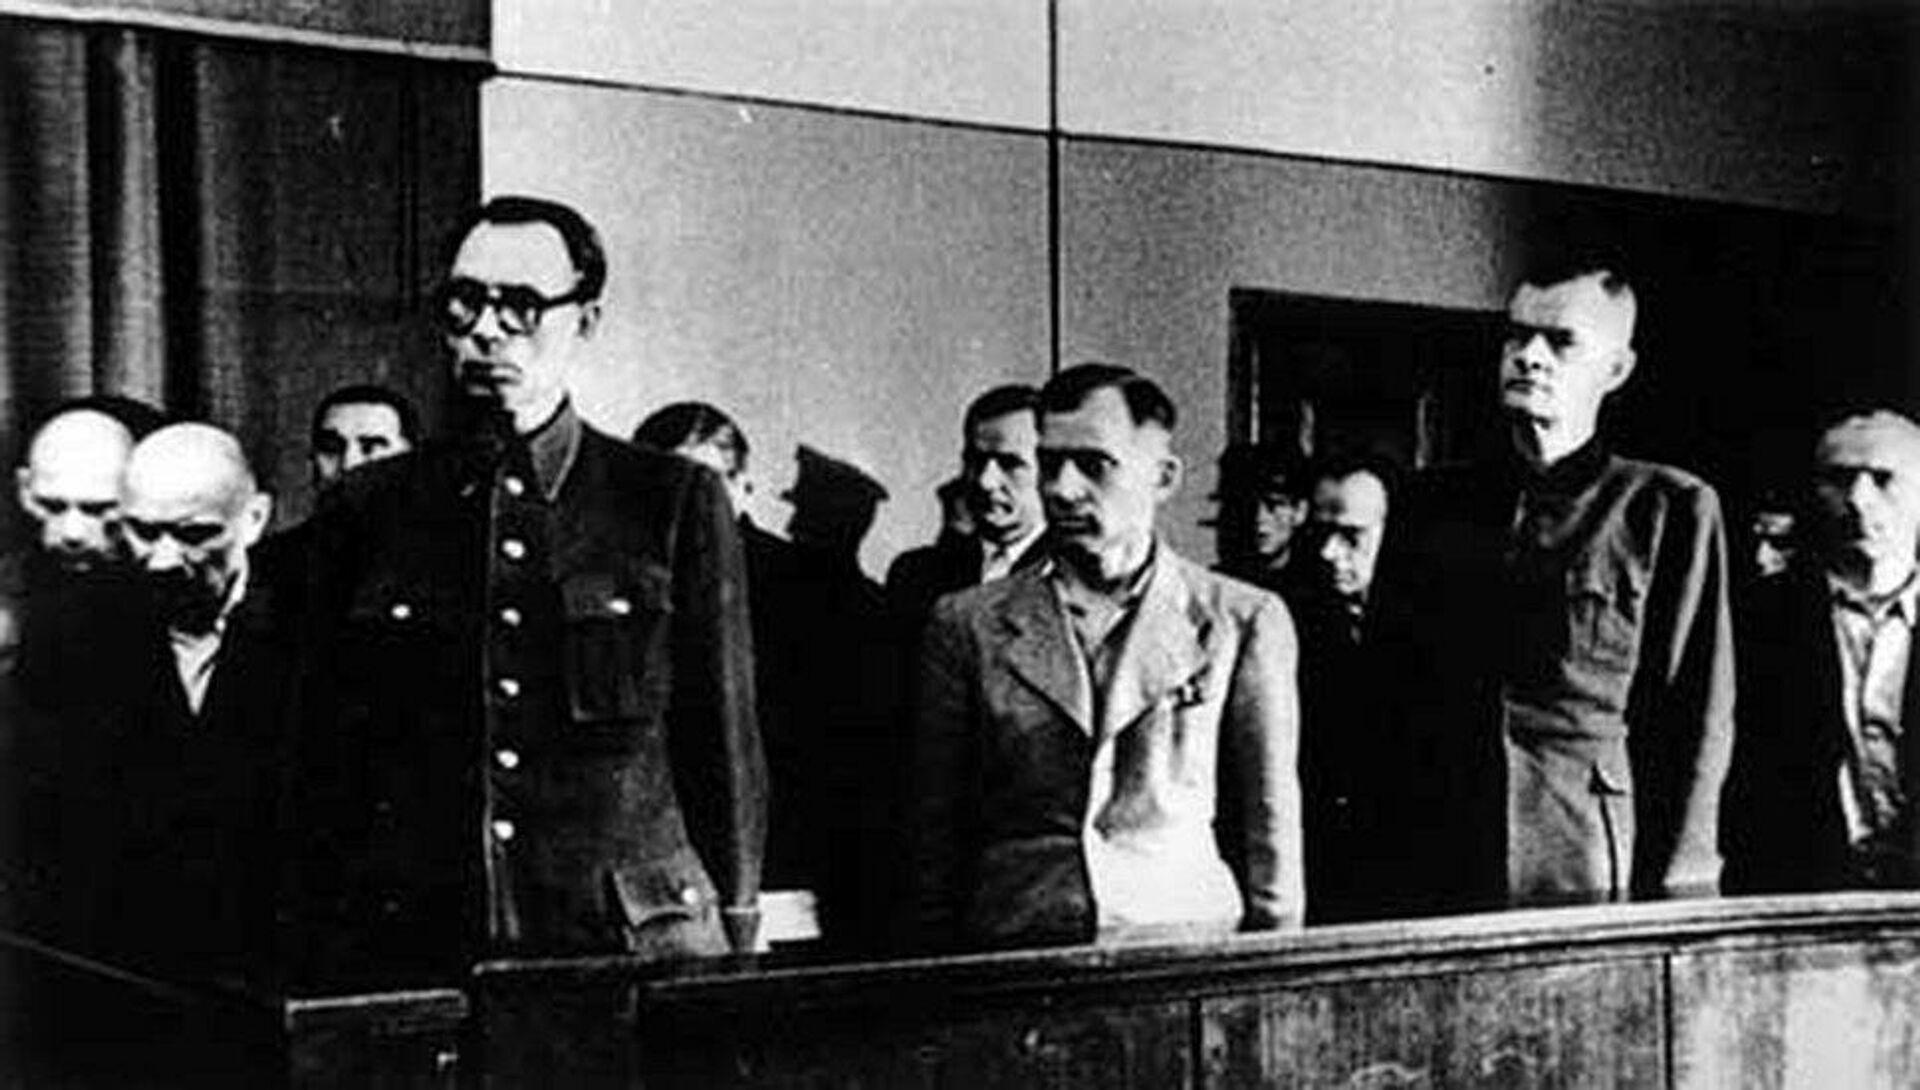 Суд над генералом Власовым - РИА Новости, 1920, 04.12.2020